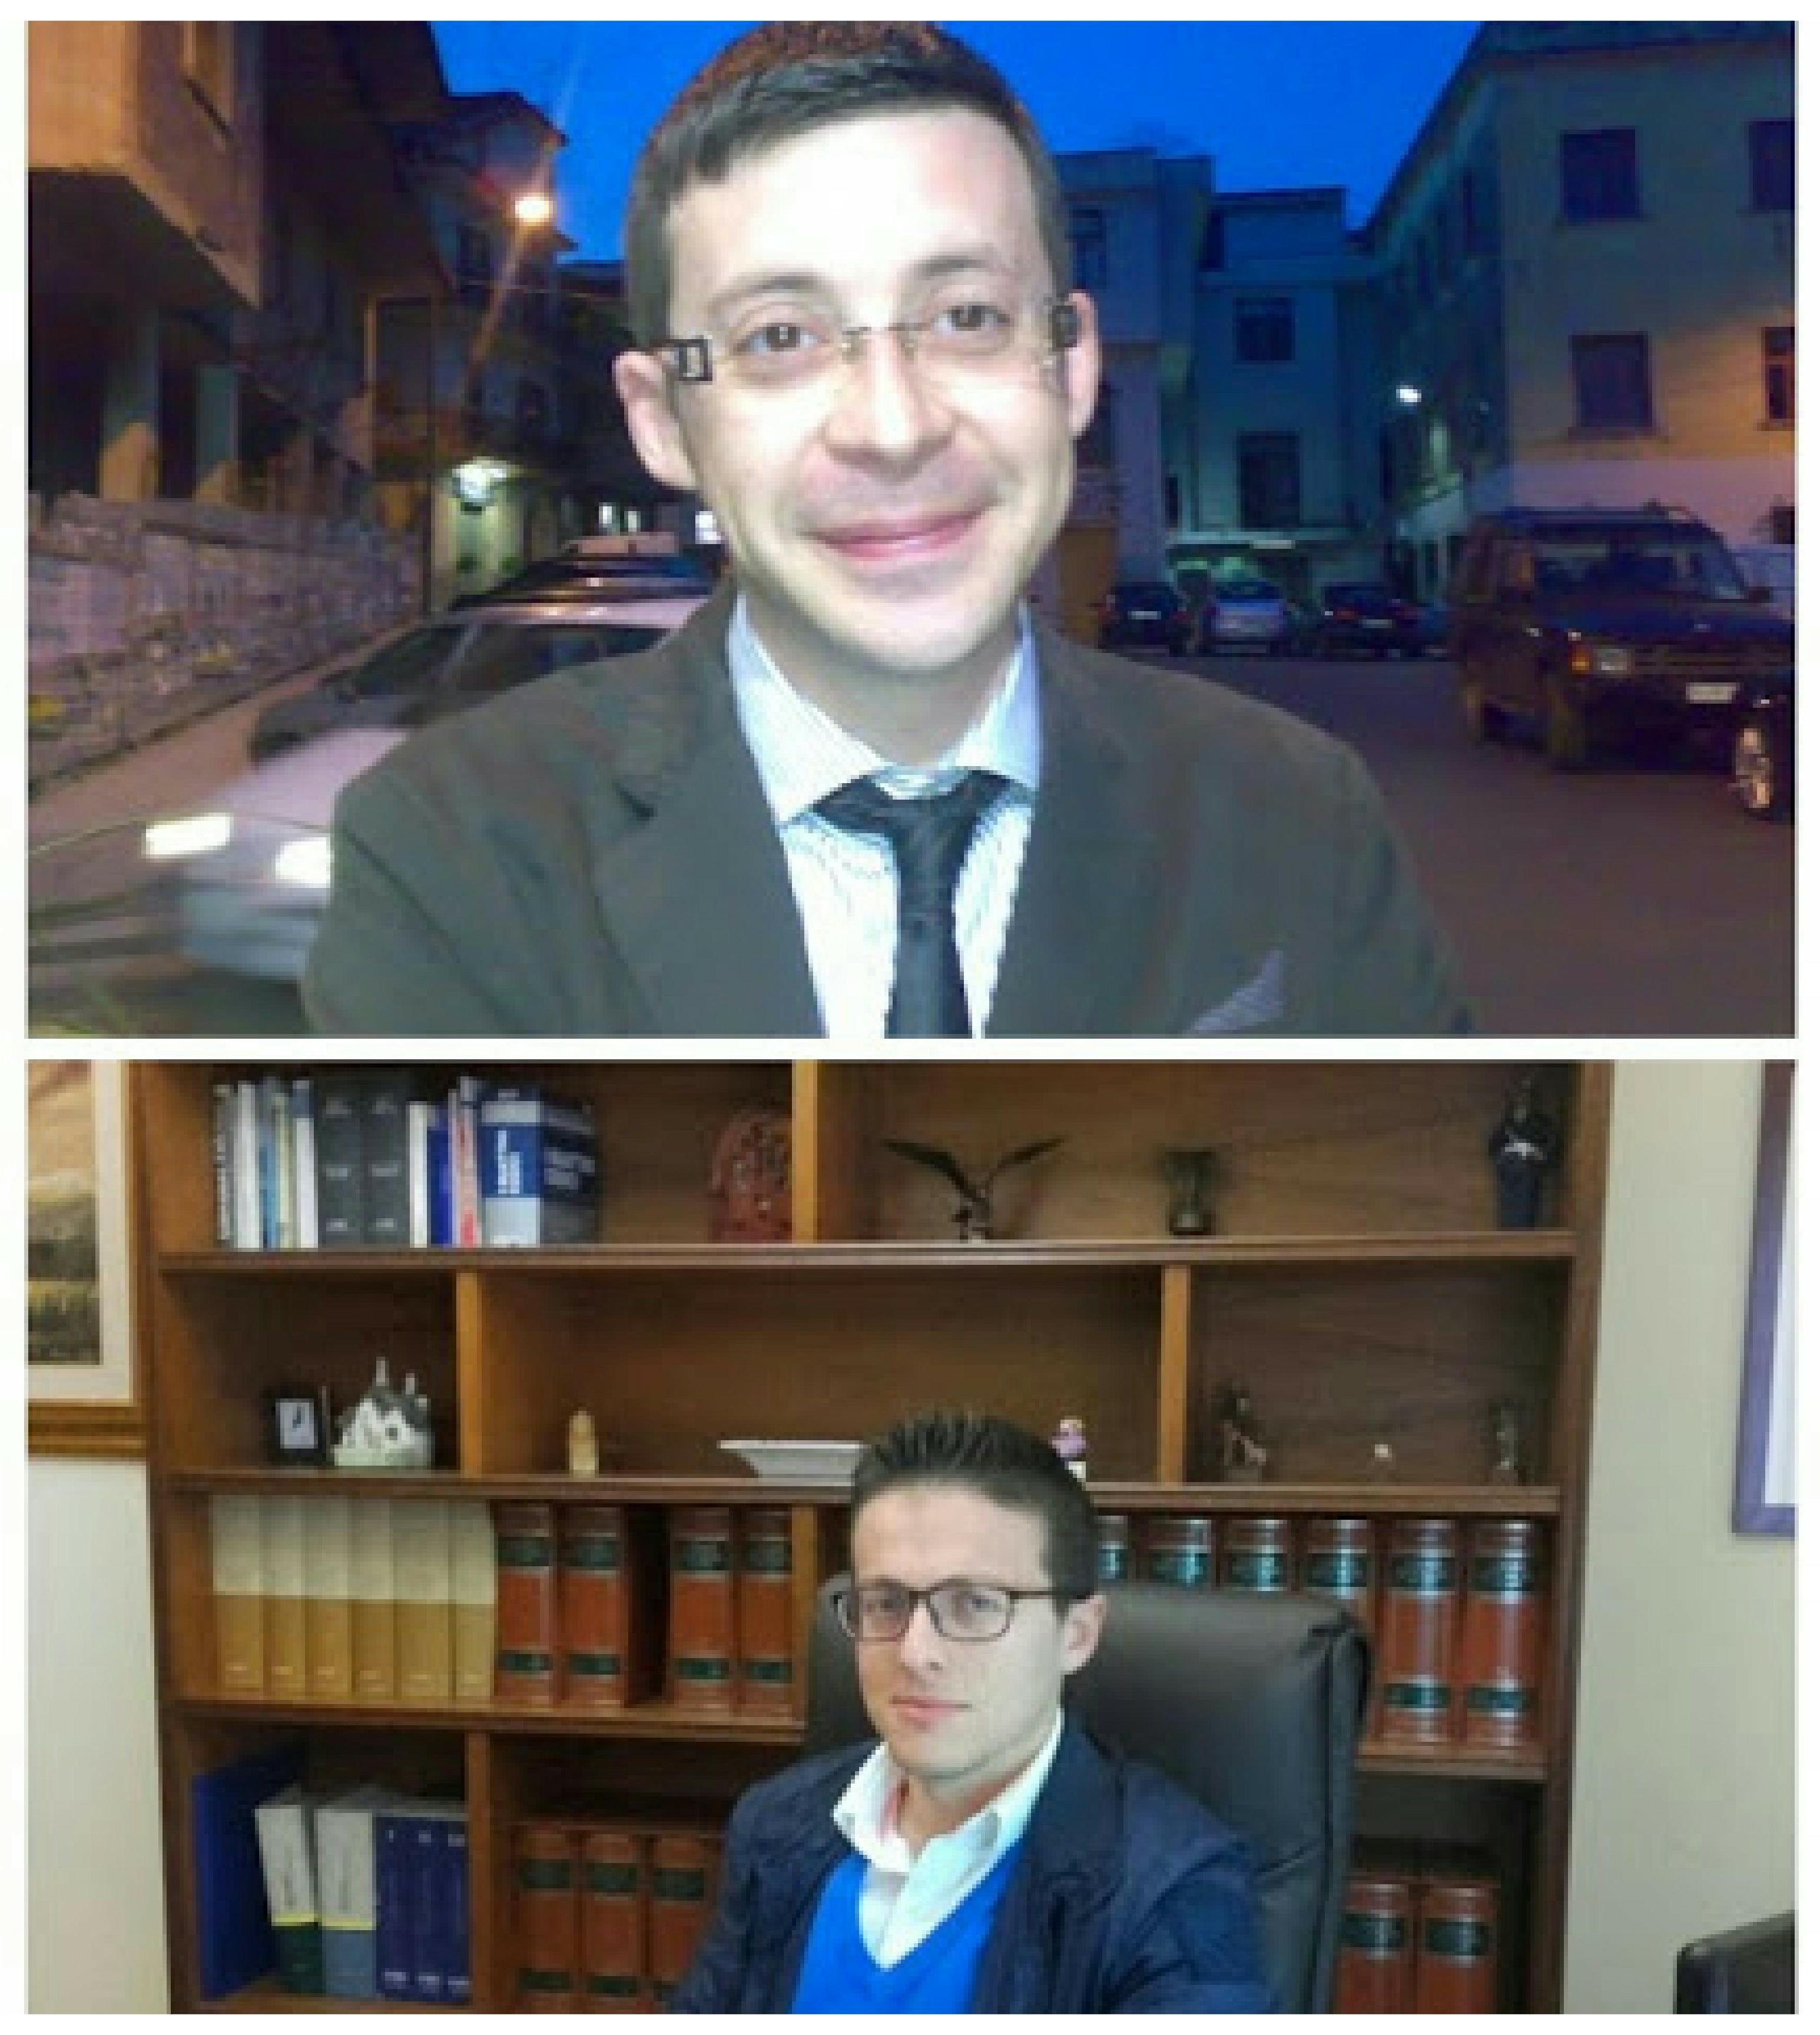 Antonio Petrone-Damiano Cardiello